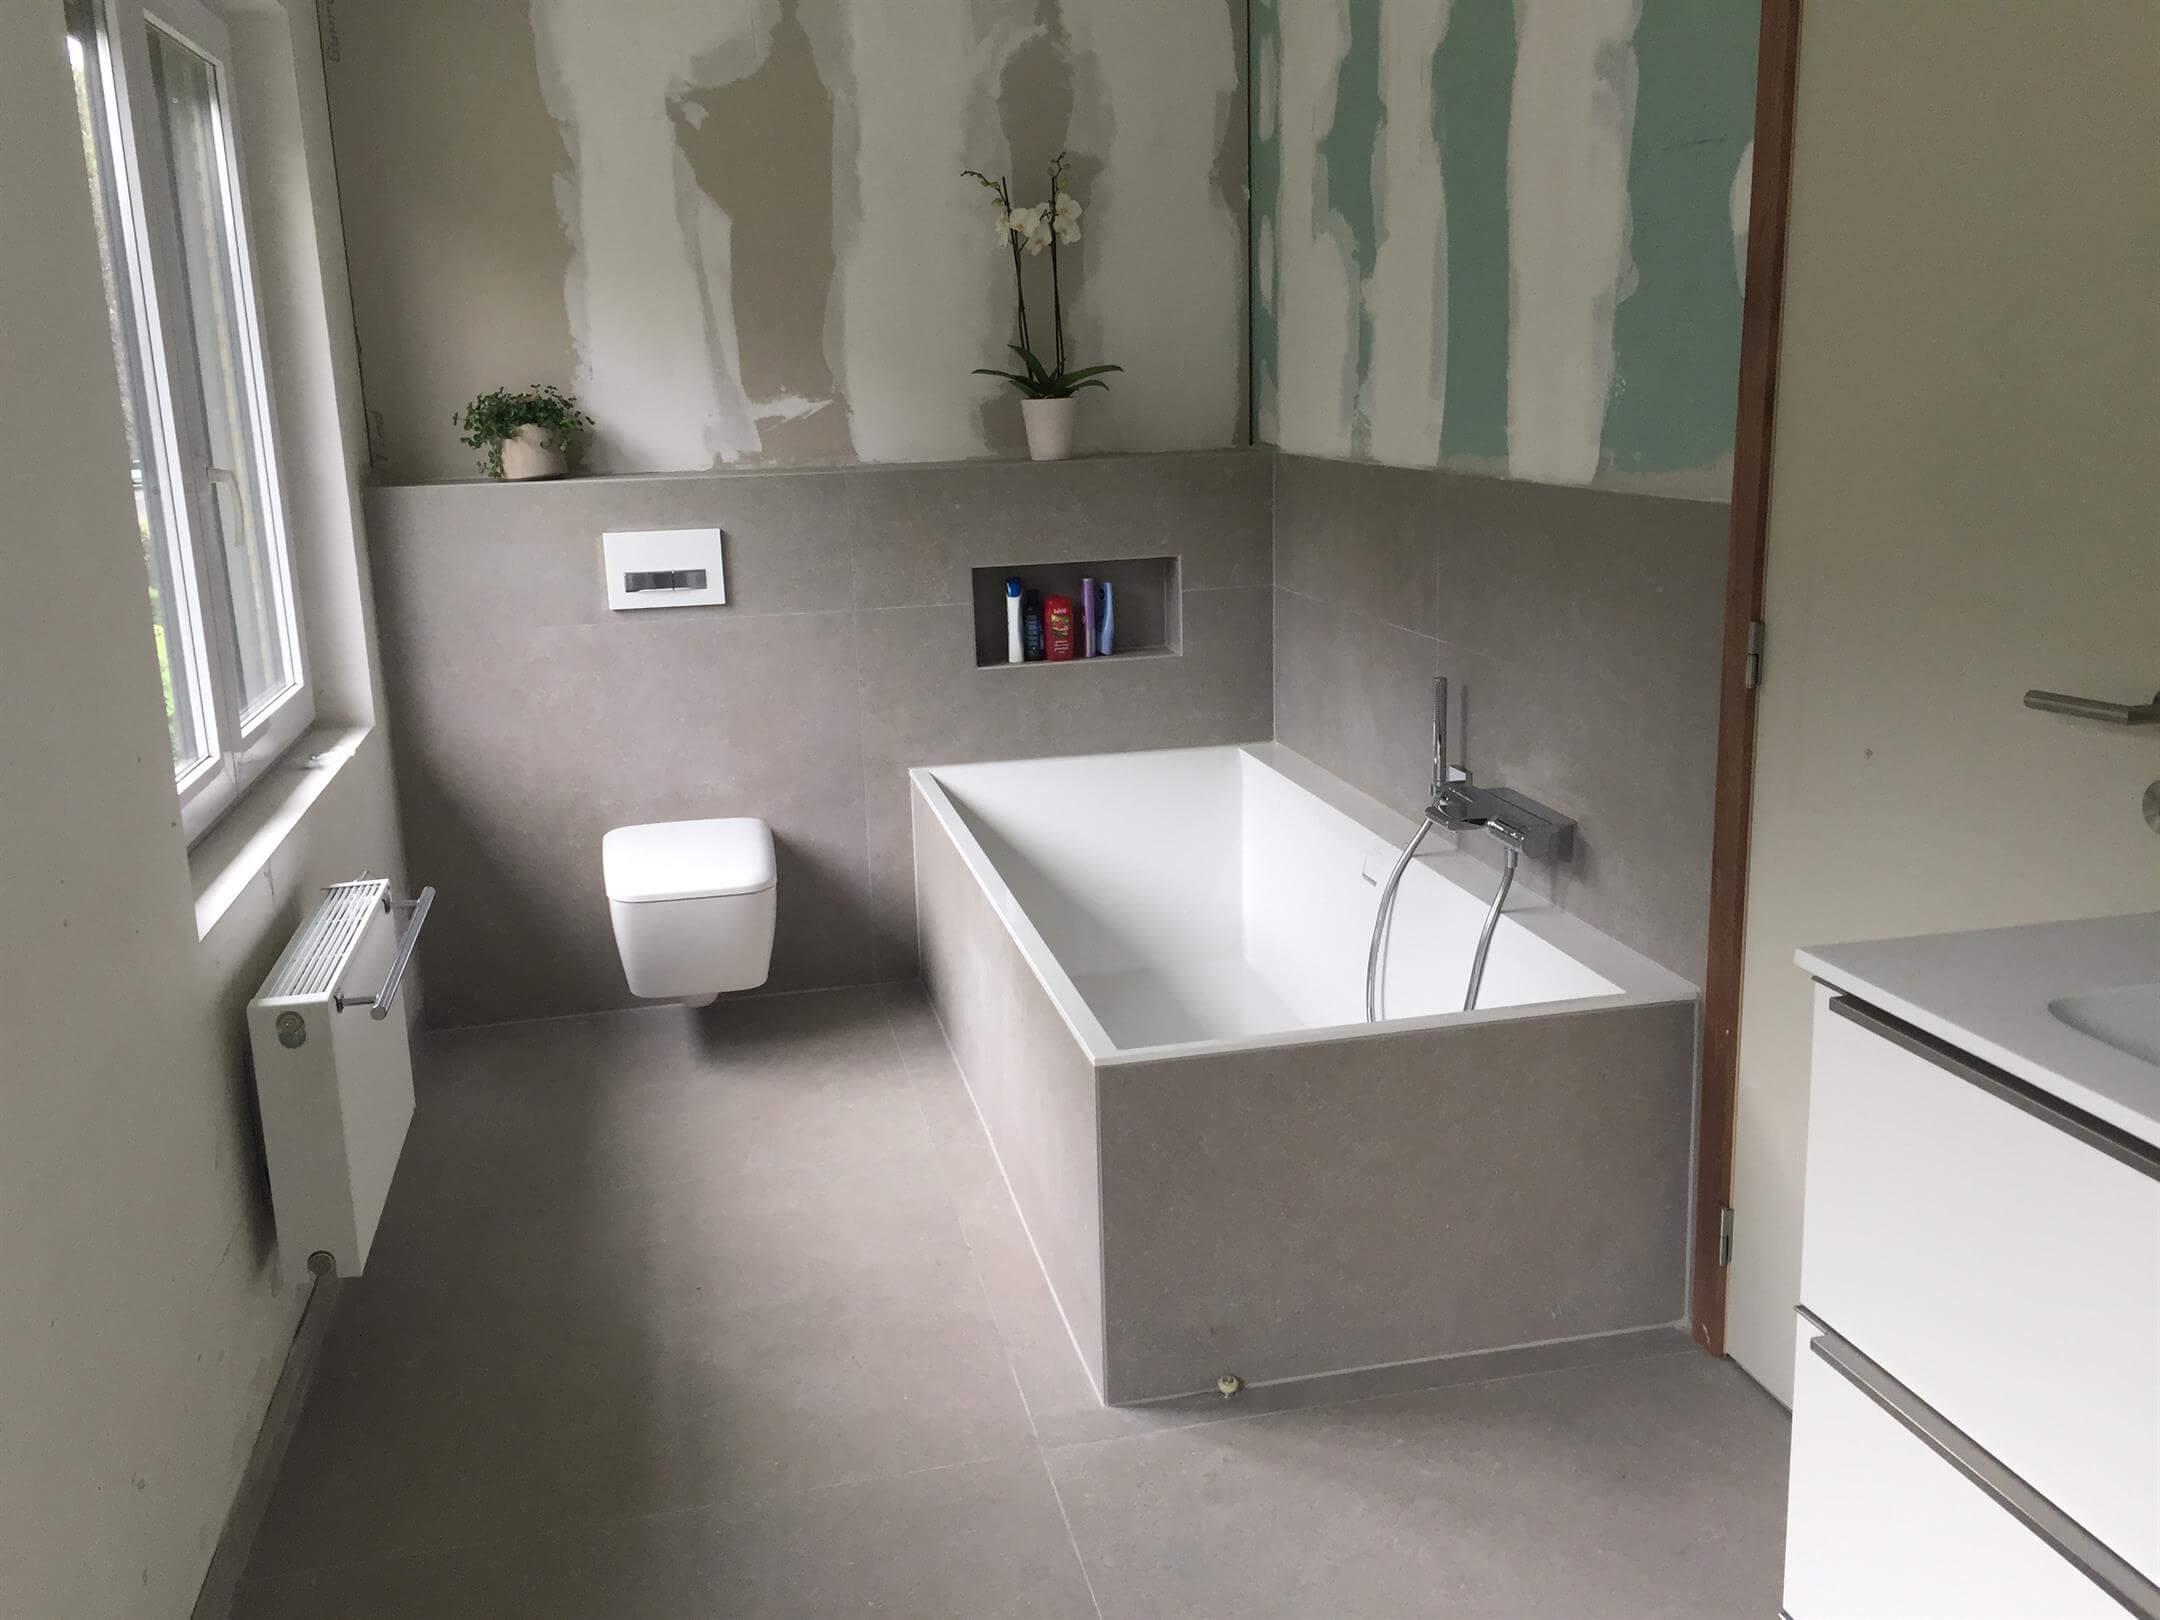 Badkamer Sanitair Brugge : Alpa renovatie renovatieonderneming in brugge welkom